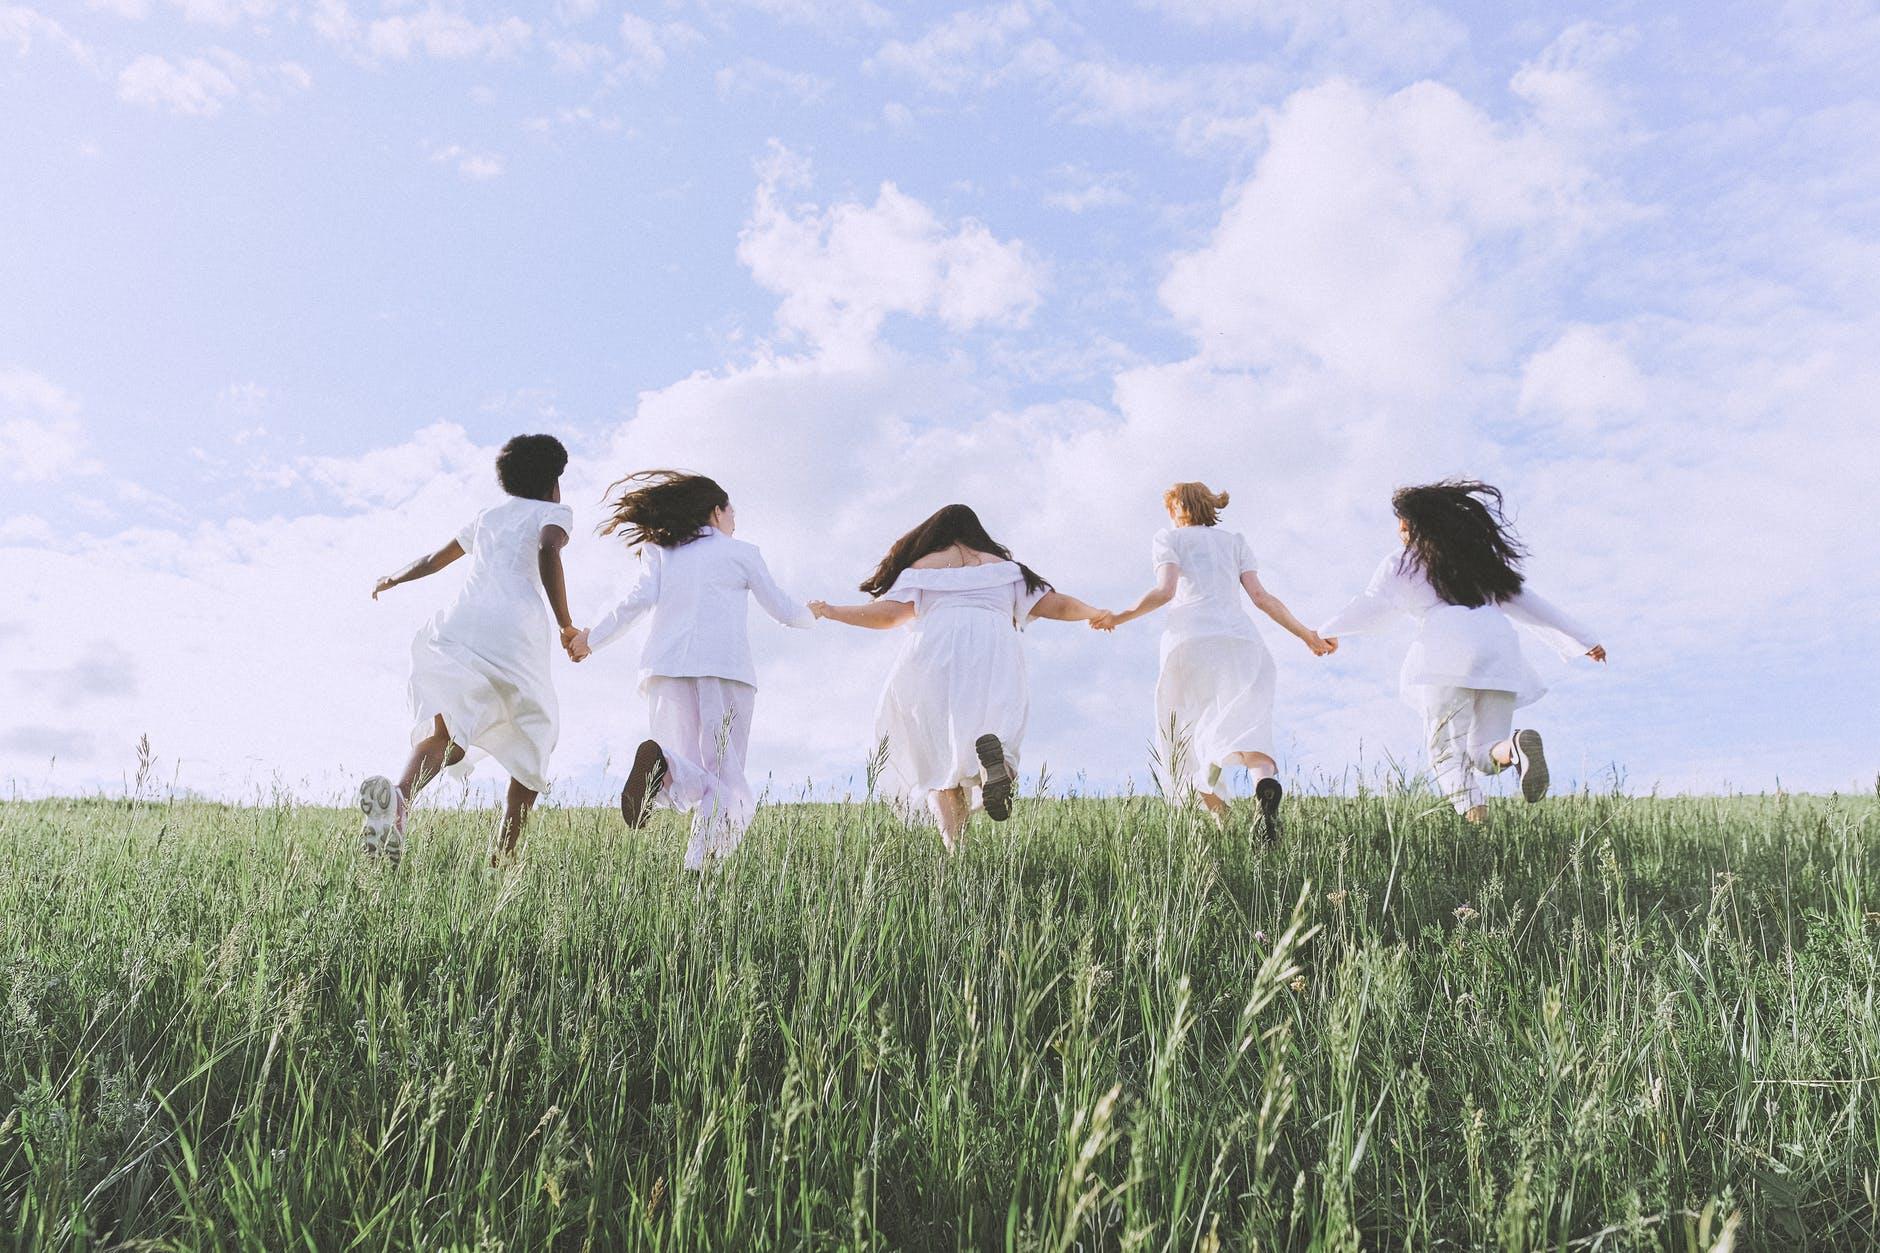 group of women running on green grass field